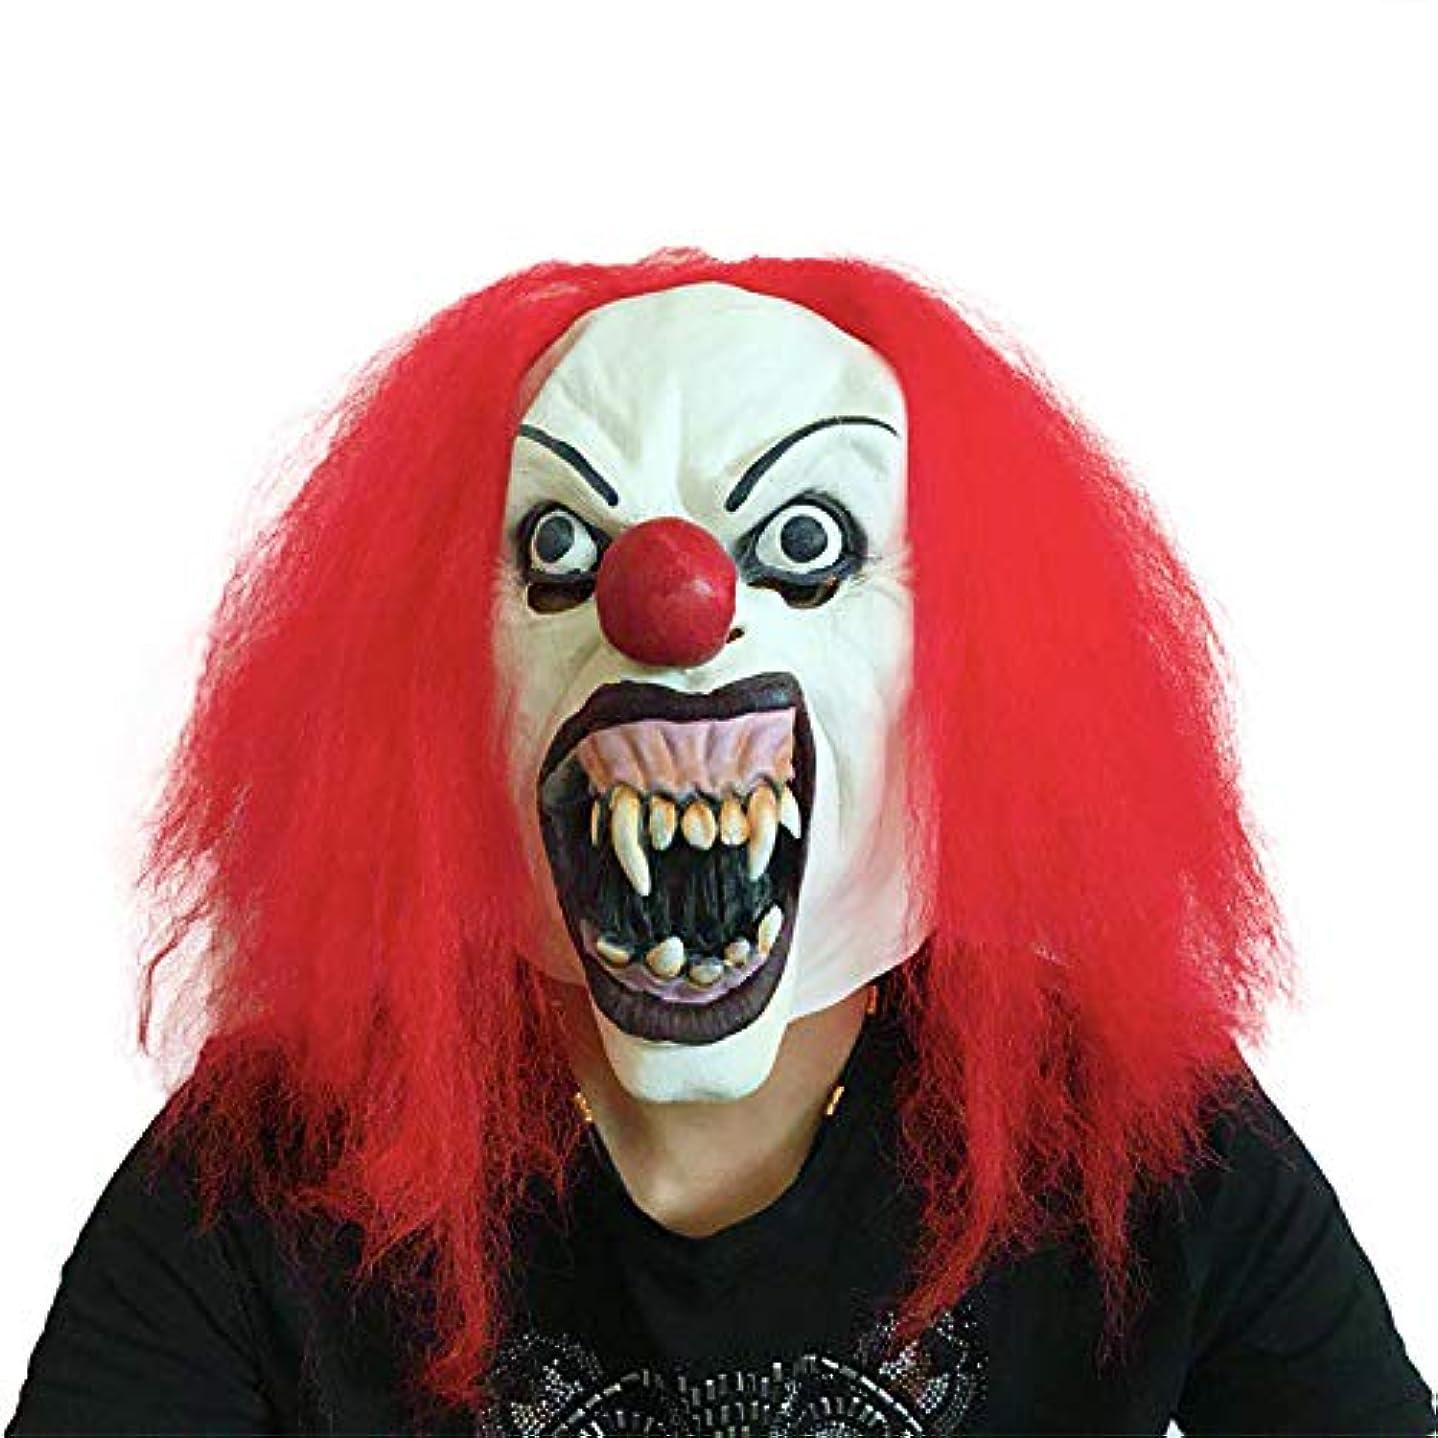 軽蔑する不忠任命ハロウィーン仮装パフォーマンスをマスクおかしいピエロは、スプーフィング赤毛の幽霊を怖い小道具ショー